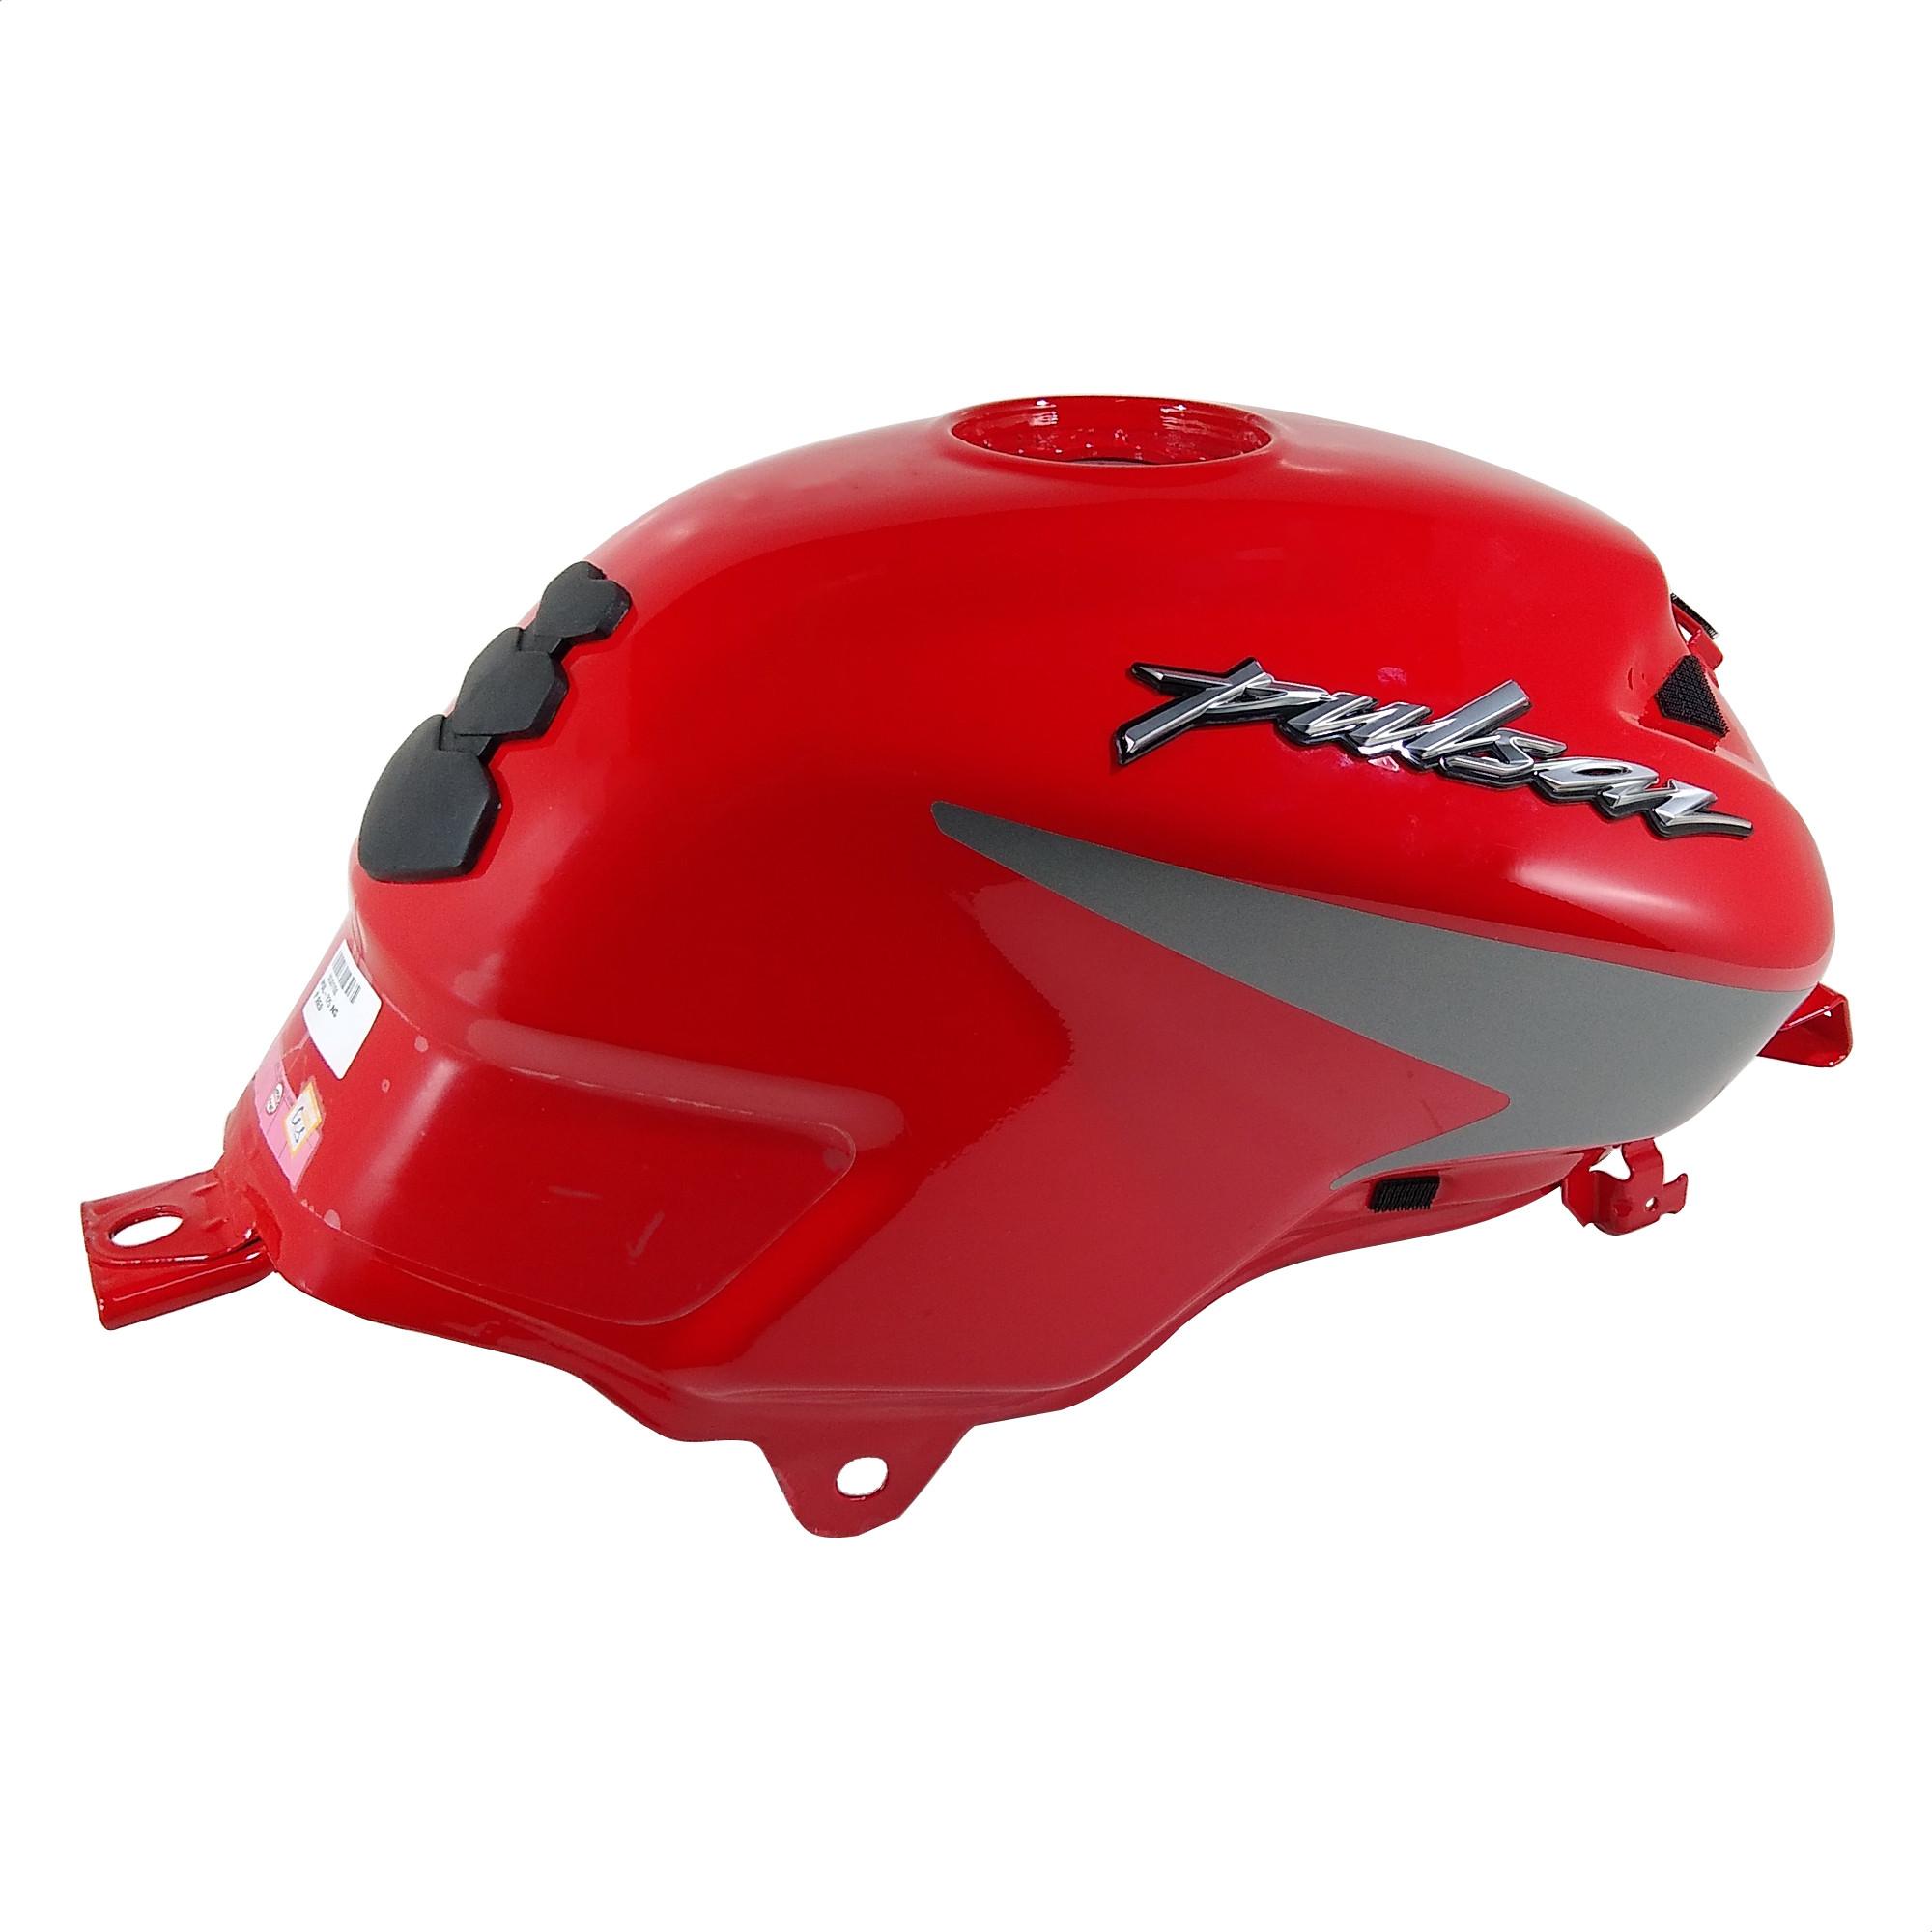 Tanque de Nafta Bajaj Rouser NS 125 Pulsar Rojo Original